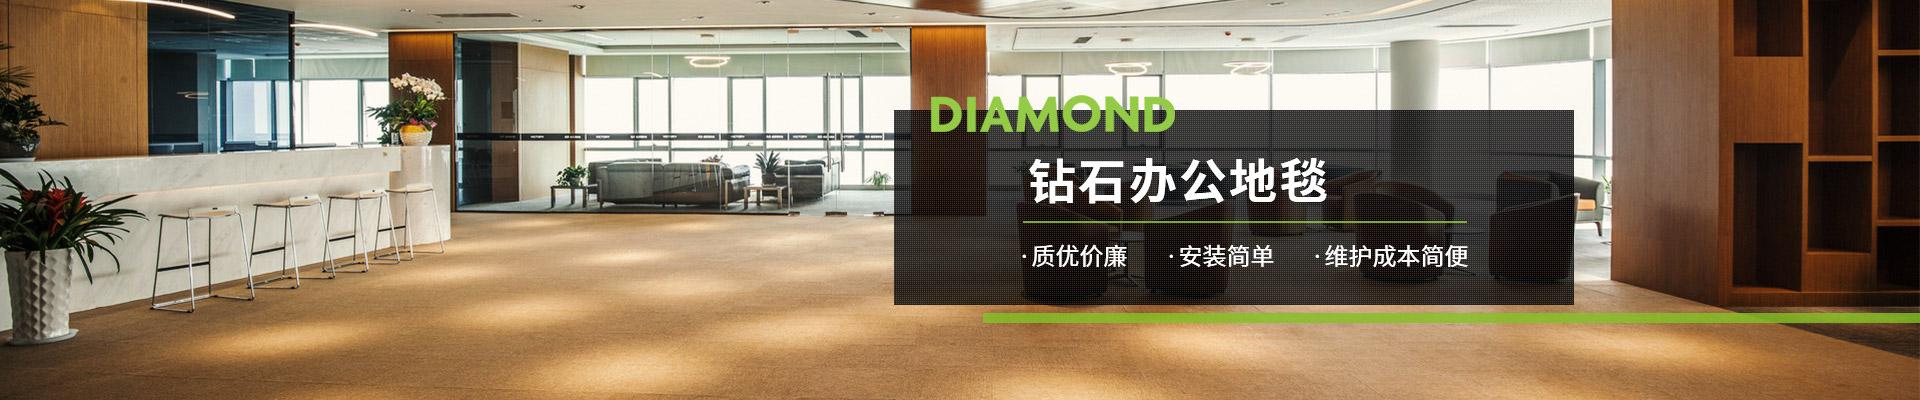 钻石办公地毯:质优价廉、安装简单、维护成本简便